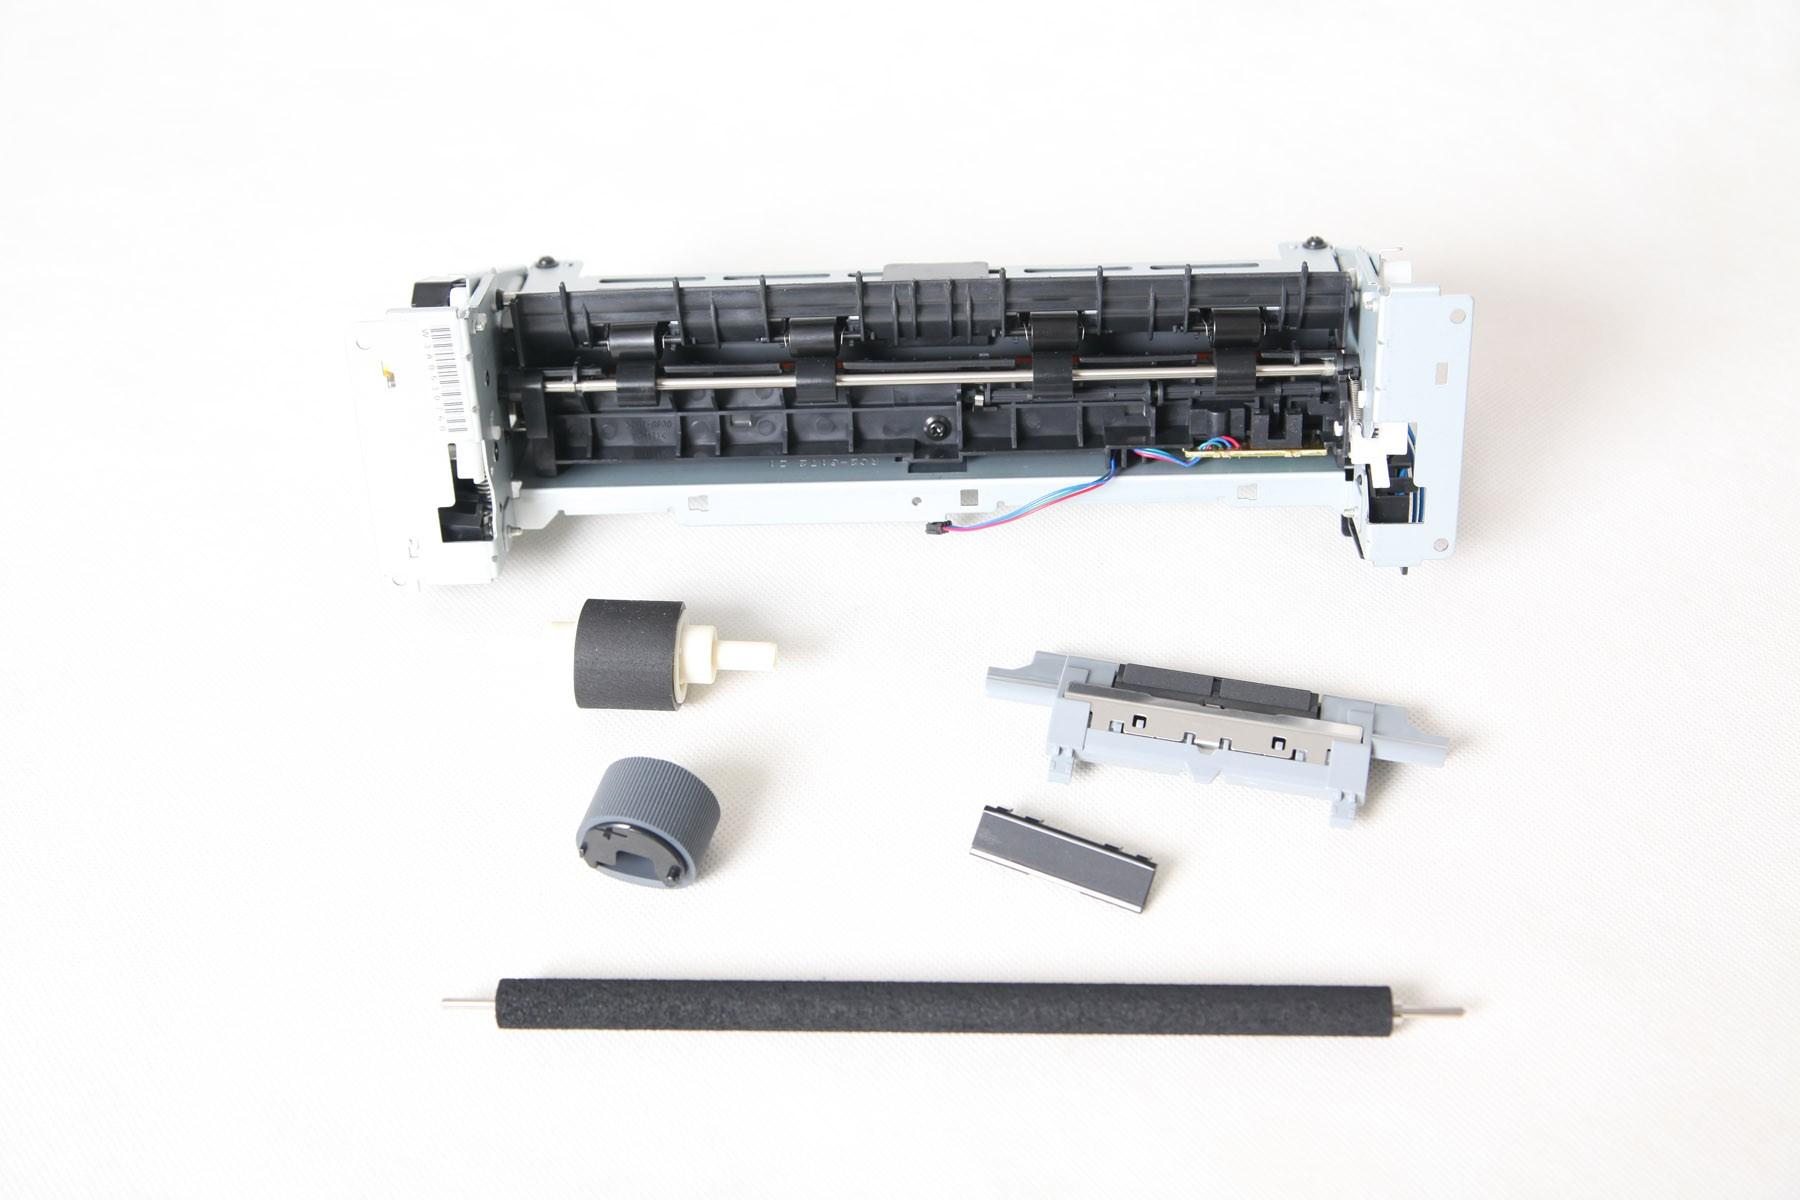 KIT-Maint-P2035 | HP LaserJet P2035/P2055 Maintenance Kit Refurbished Exchange w/OEM Rollers